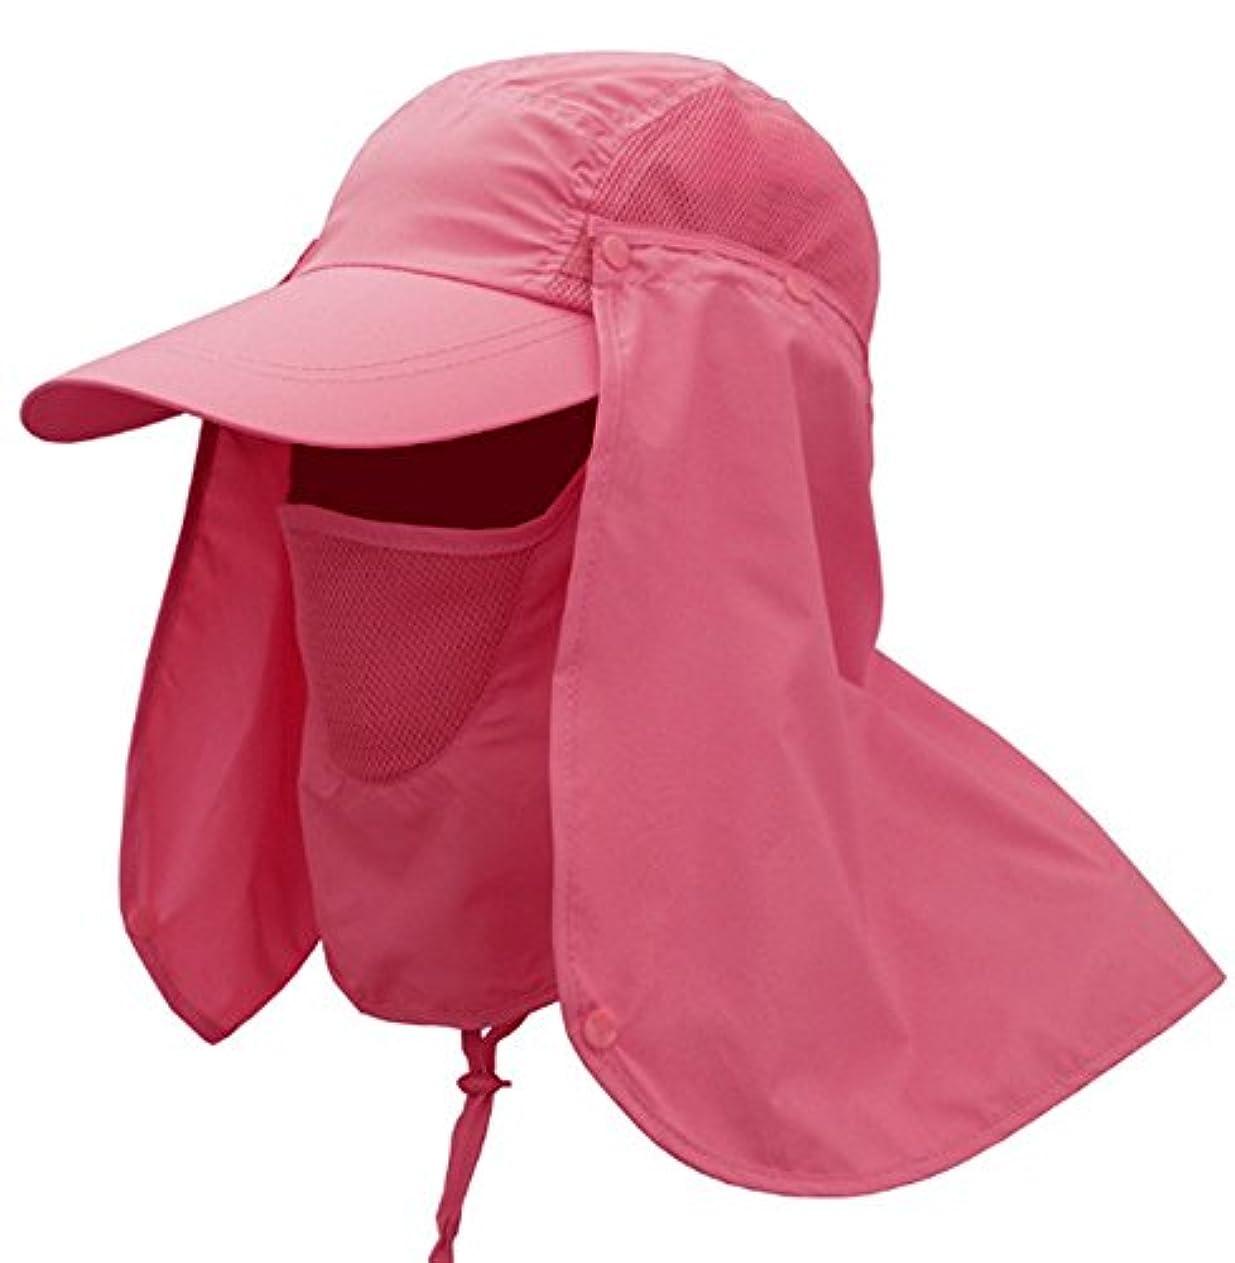 分離めまい増加するEternal Wings UVカット 帽子 取り外し可能 アウトドア 農作業用 帽子 UVカット フェイスカバー付き ガーデニング 釣り 登山 首までガード 紫外線 熱中症対策に 9色